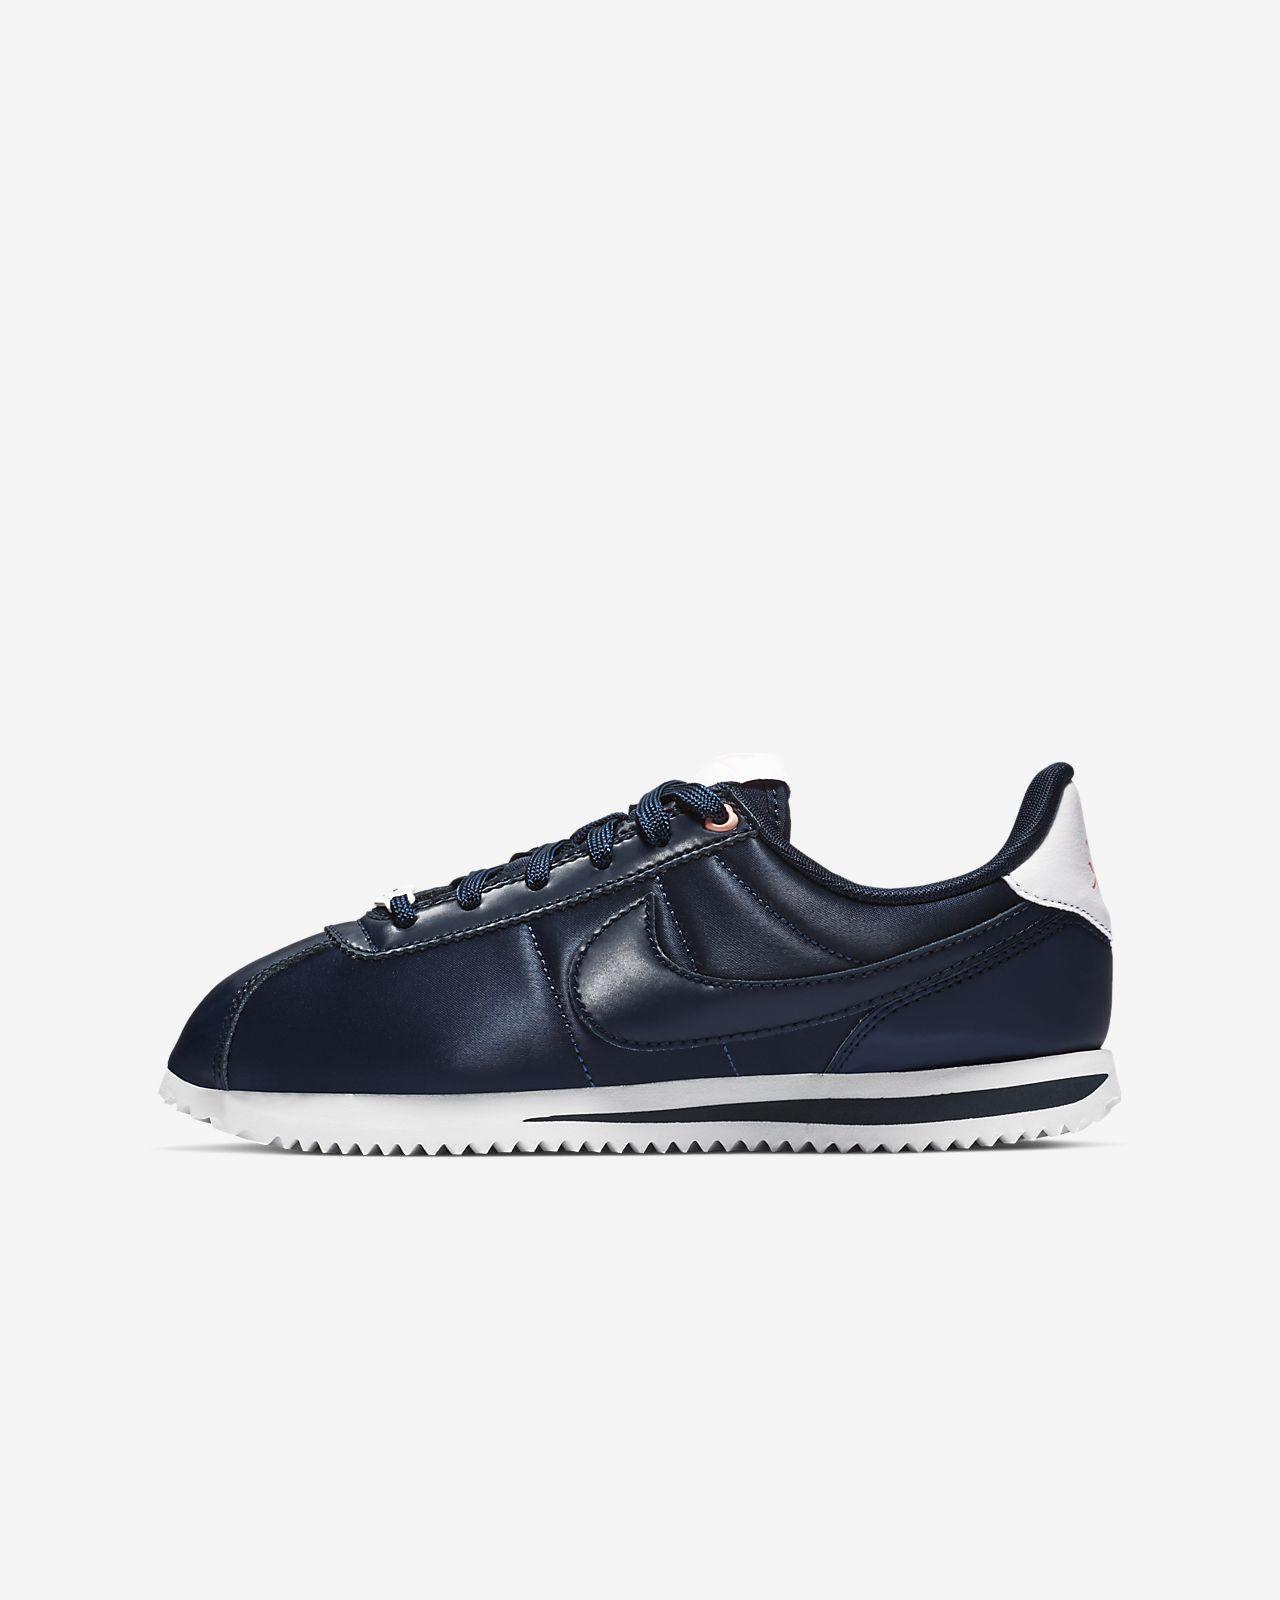 wholesale dealer c45e8 ce89c Nike Cortez Basic TXT VDAY sko til store barn